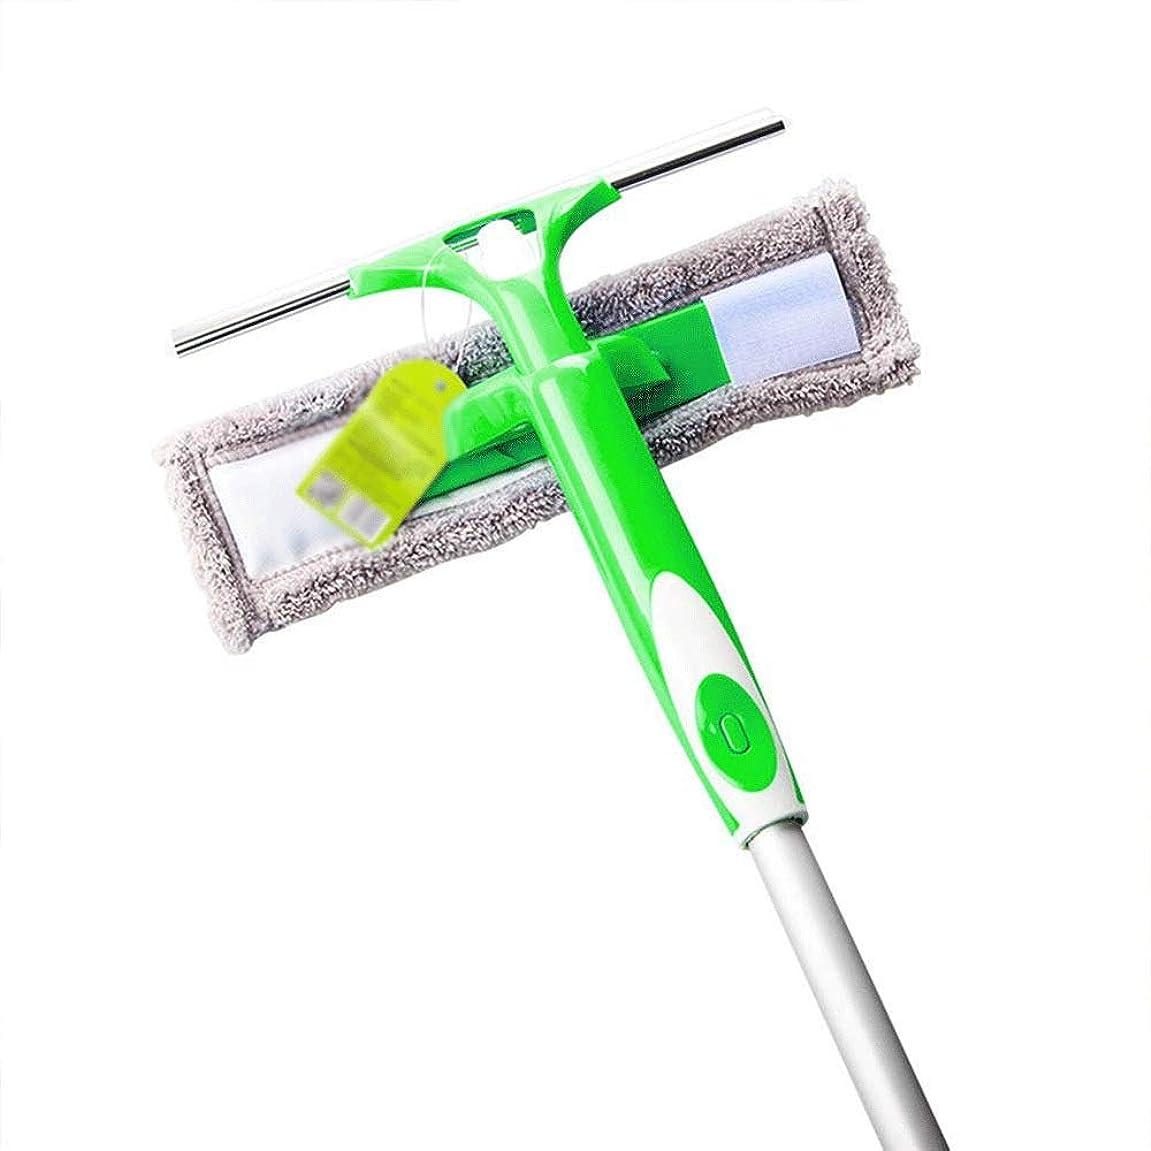 韓国語賠償大理石JJYPY ガラスワイパー-両面ガラスウィンドウクリーニングシリコンスキージシャワースクリーンウォッシュウォッシャーワイプマイクロファイバーパッドスクイージ (Color : Green)